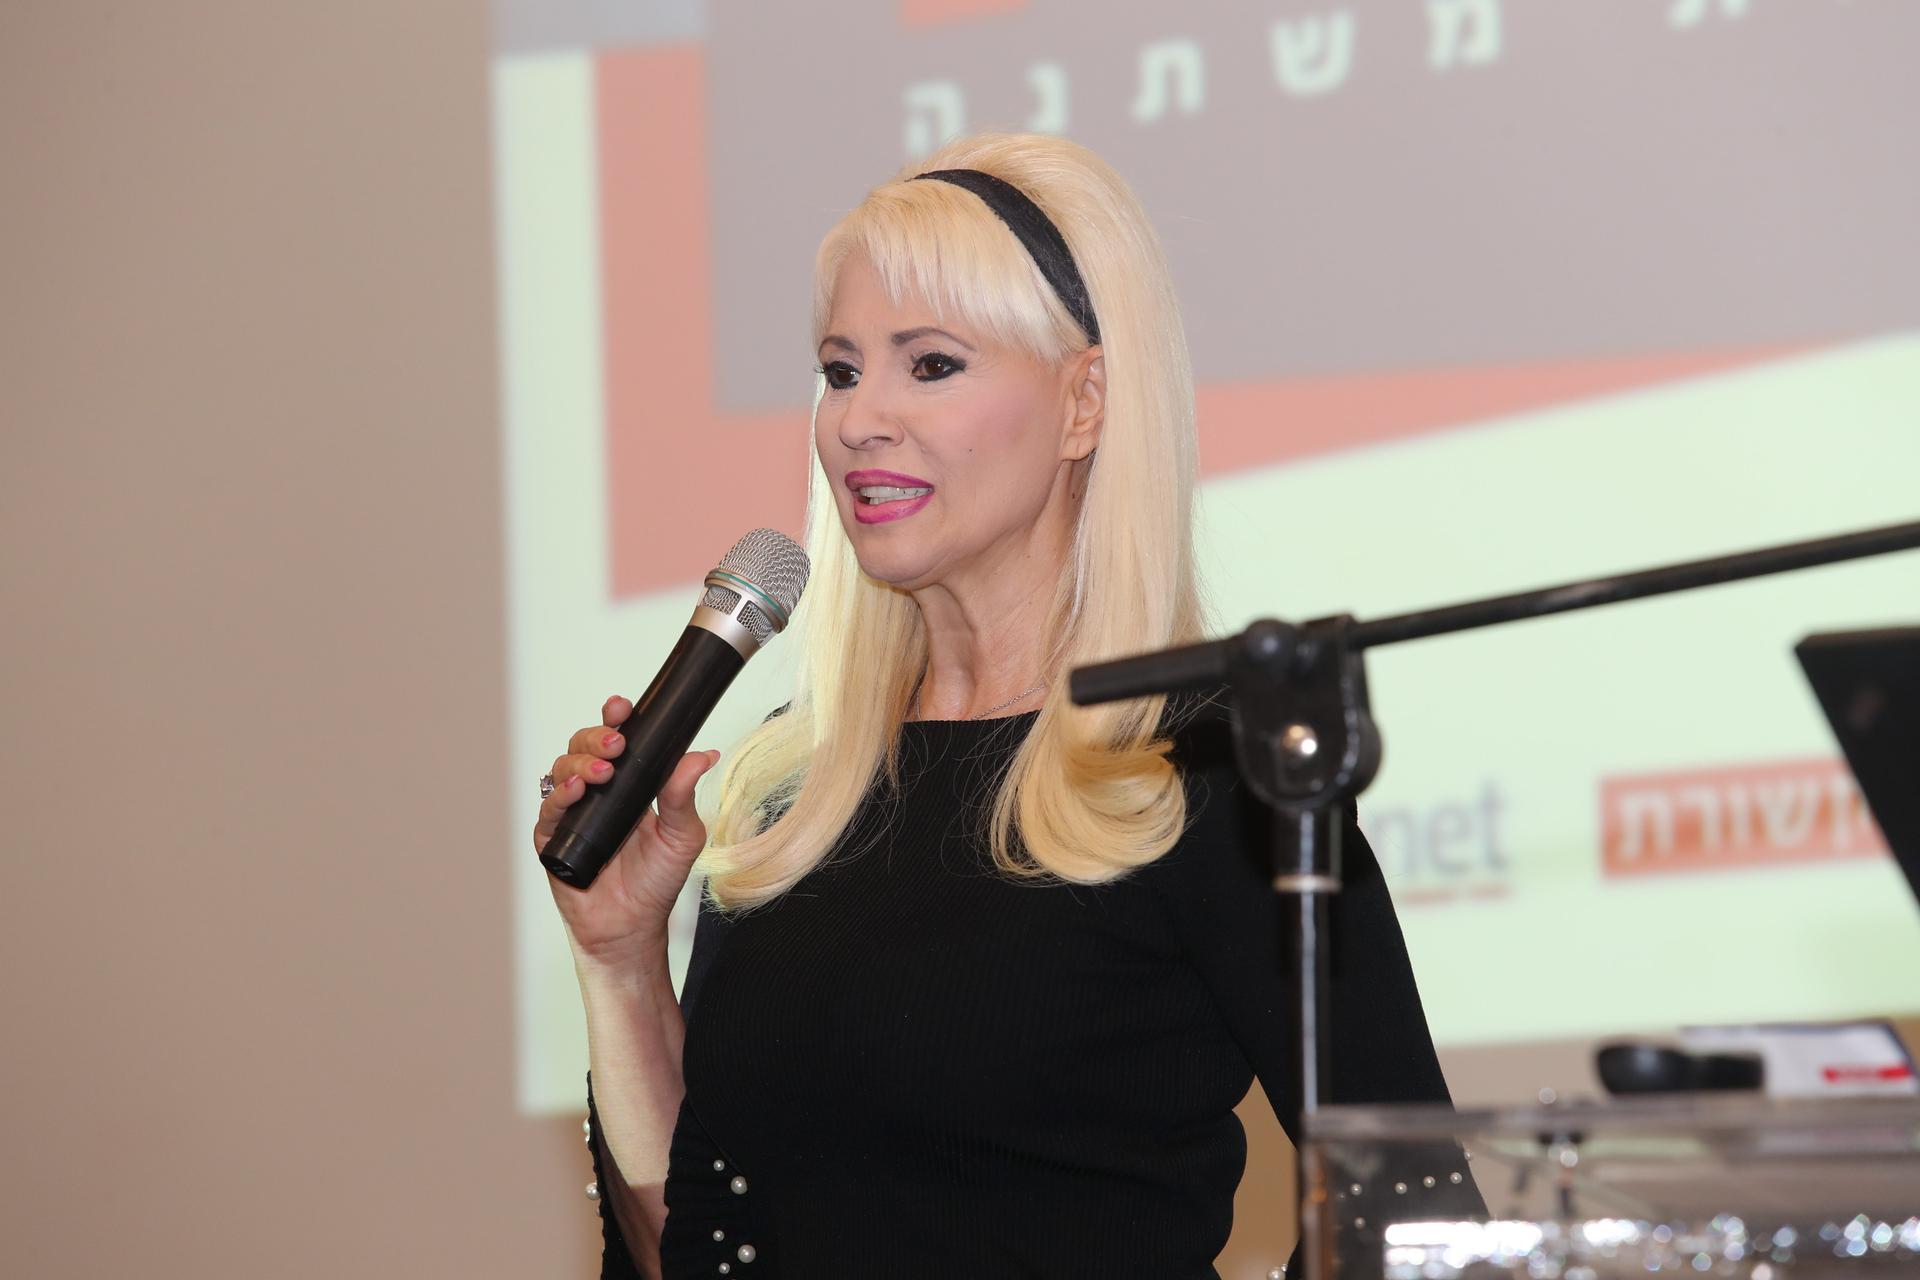 פנינה רוזנבלום מרצה בכנס. צילום: גיל נחושתן